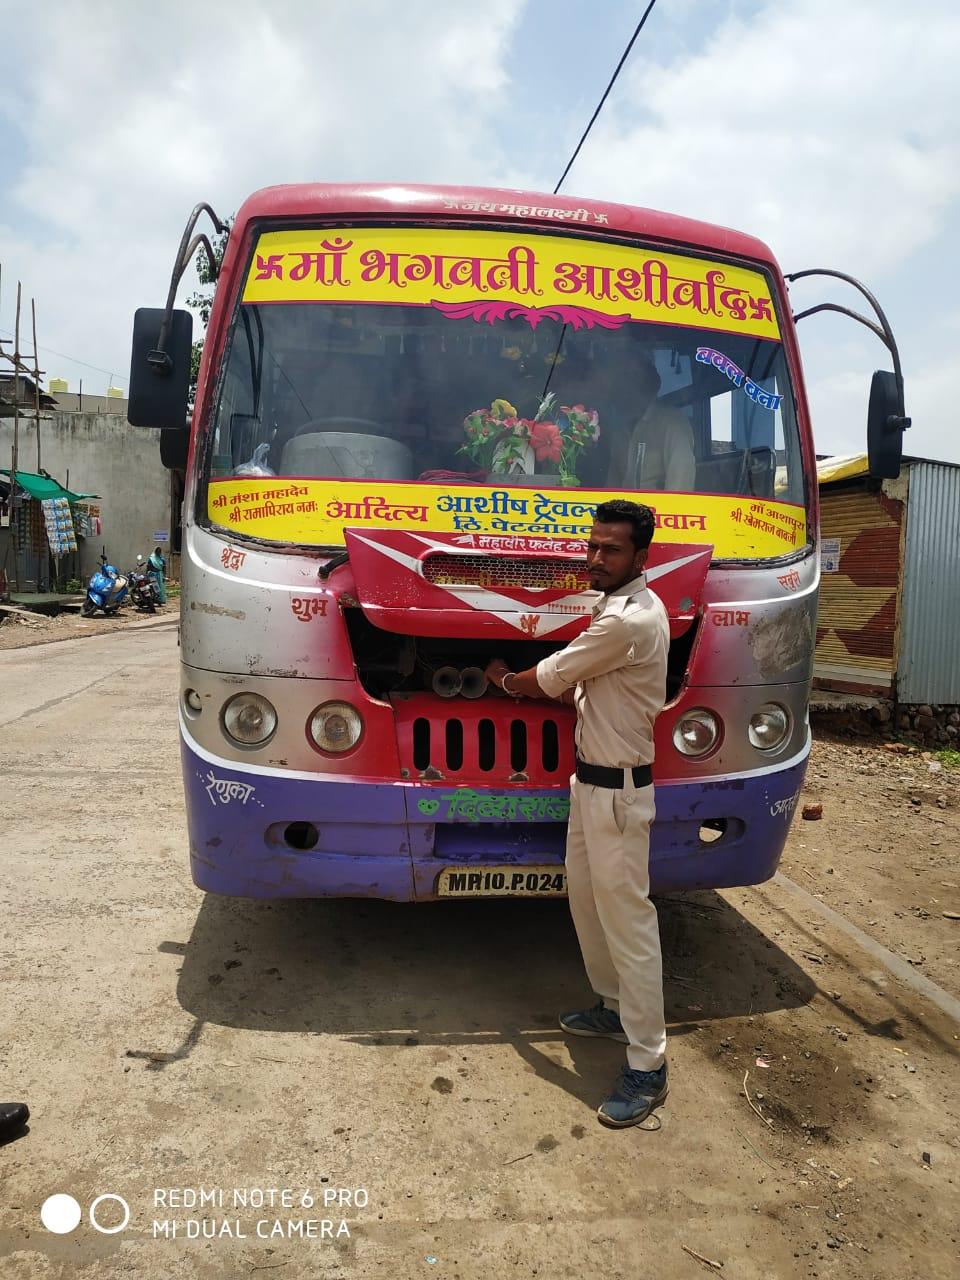 Jhabua News- 14 वाहनो पर चालानी कार्यवाही कर 35 हजार की गई वसूली